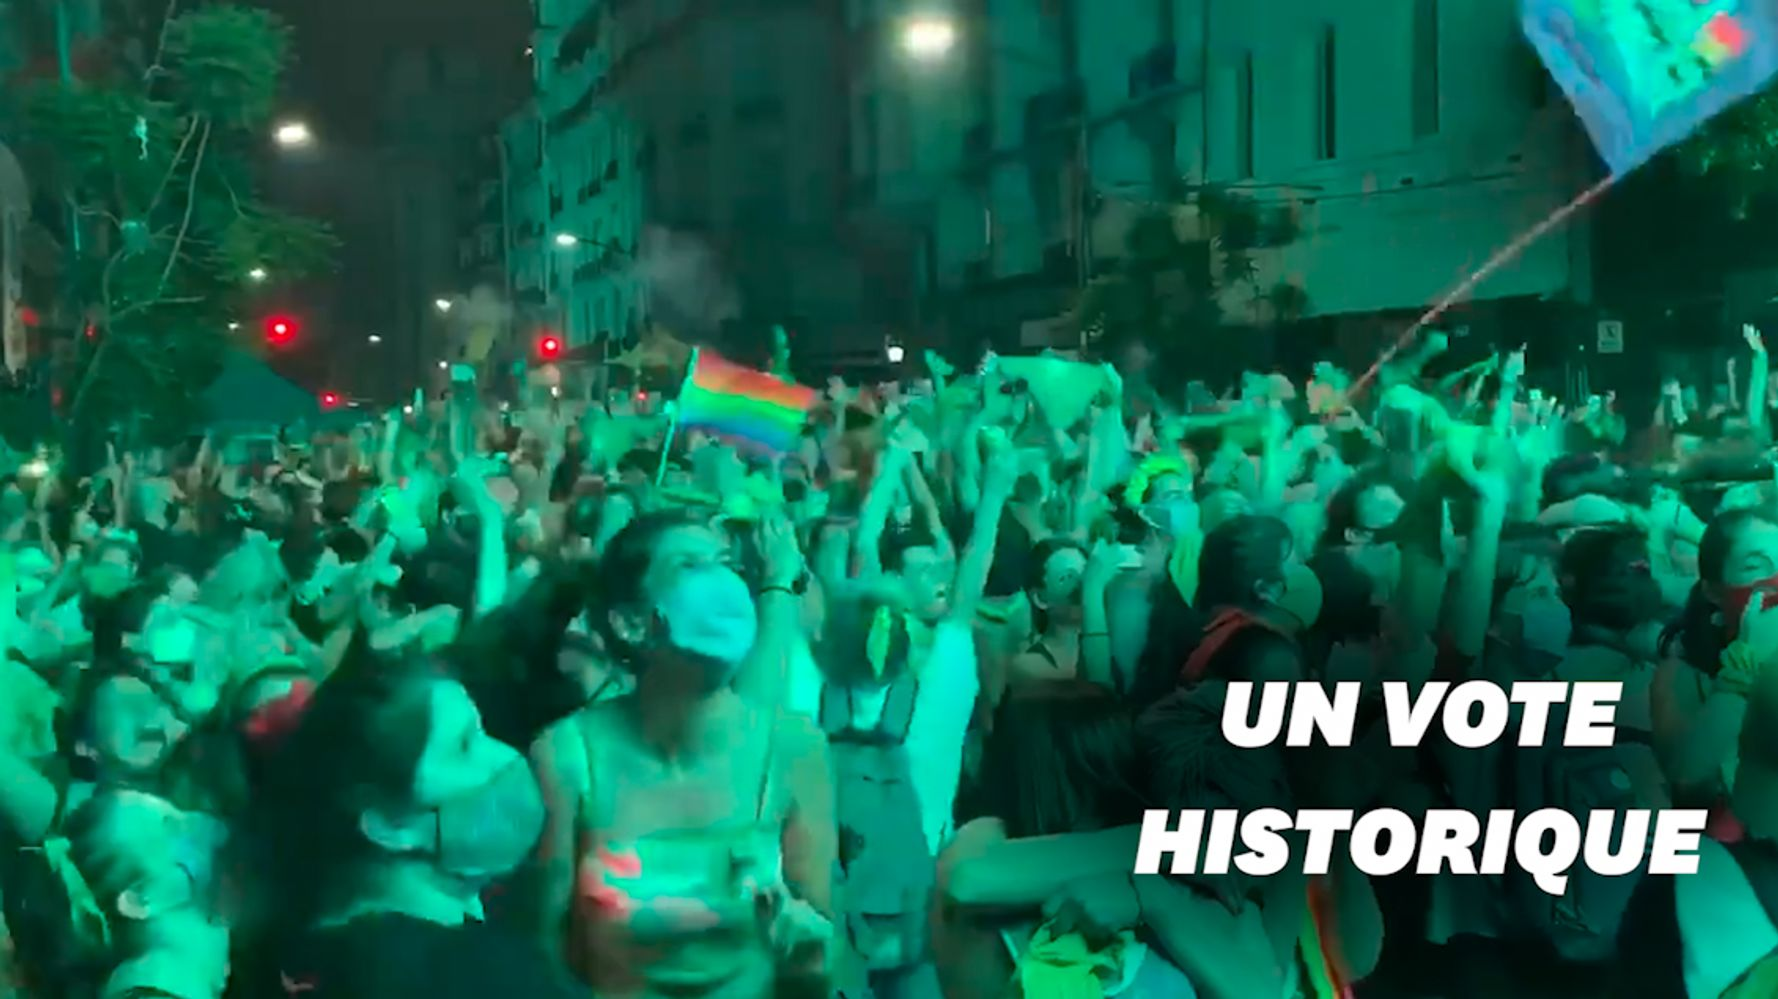 L'Argentine légalise l'avortement, la foule en liesse à Buenos Aires